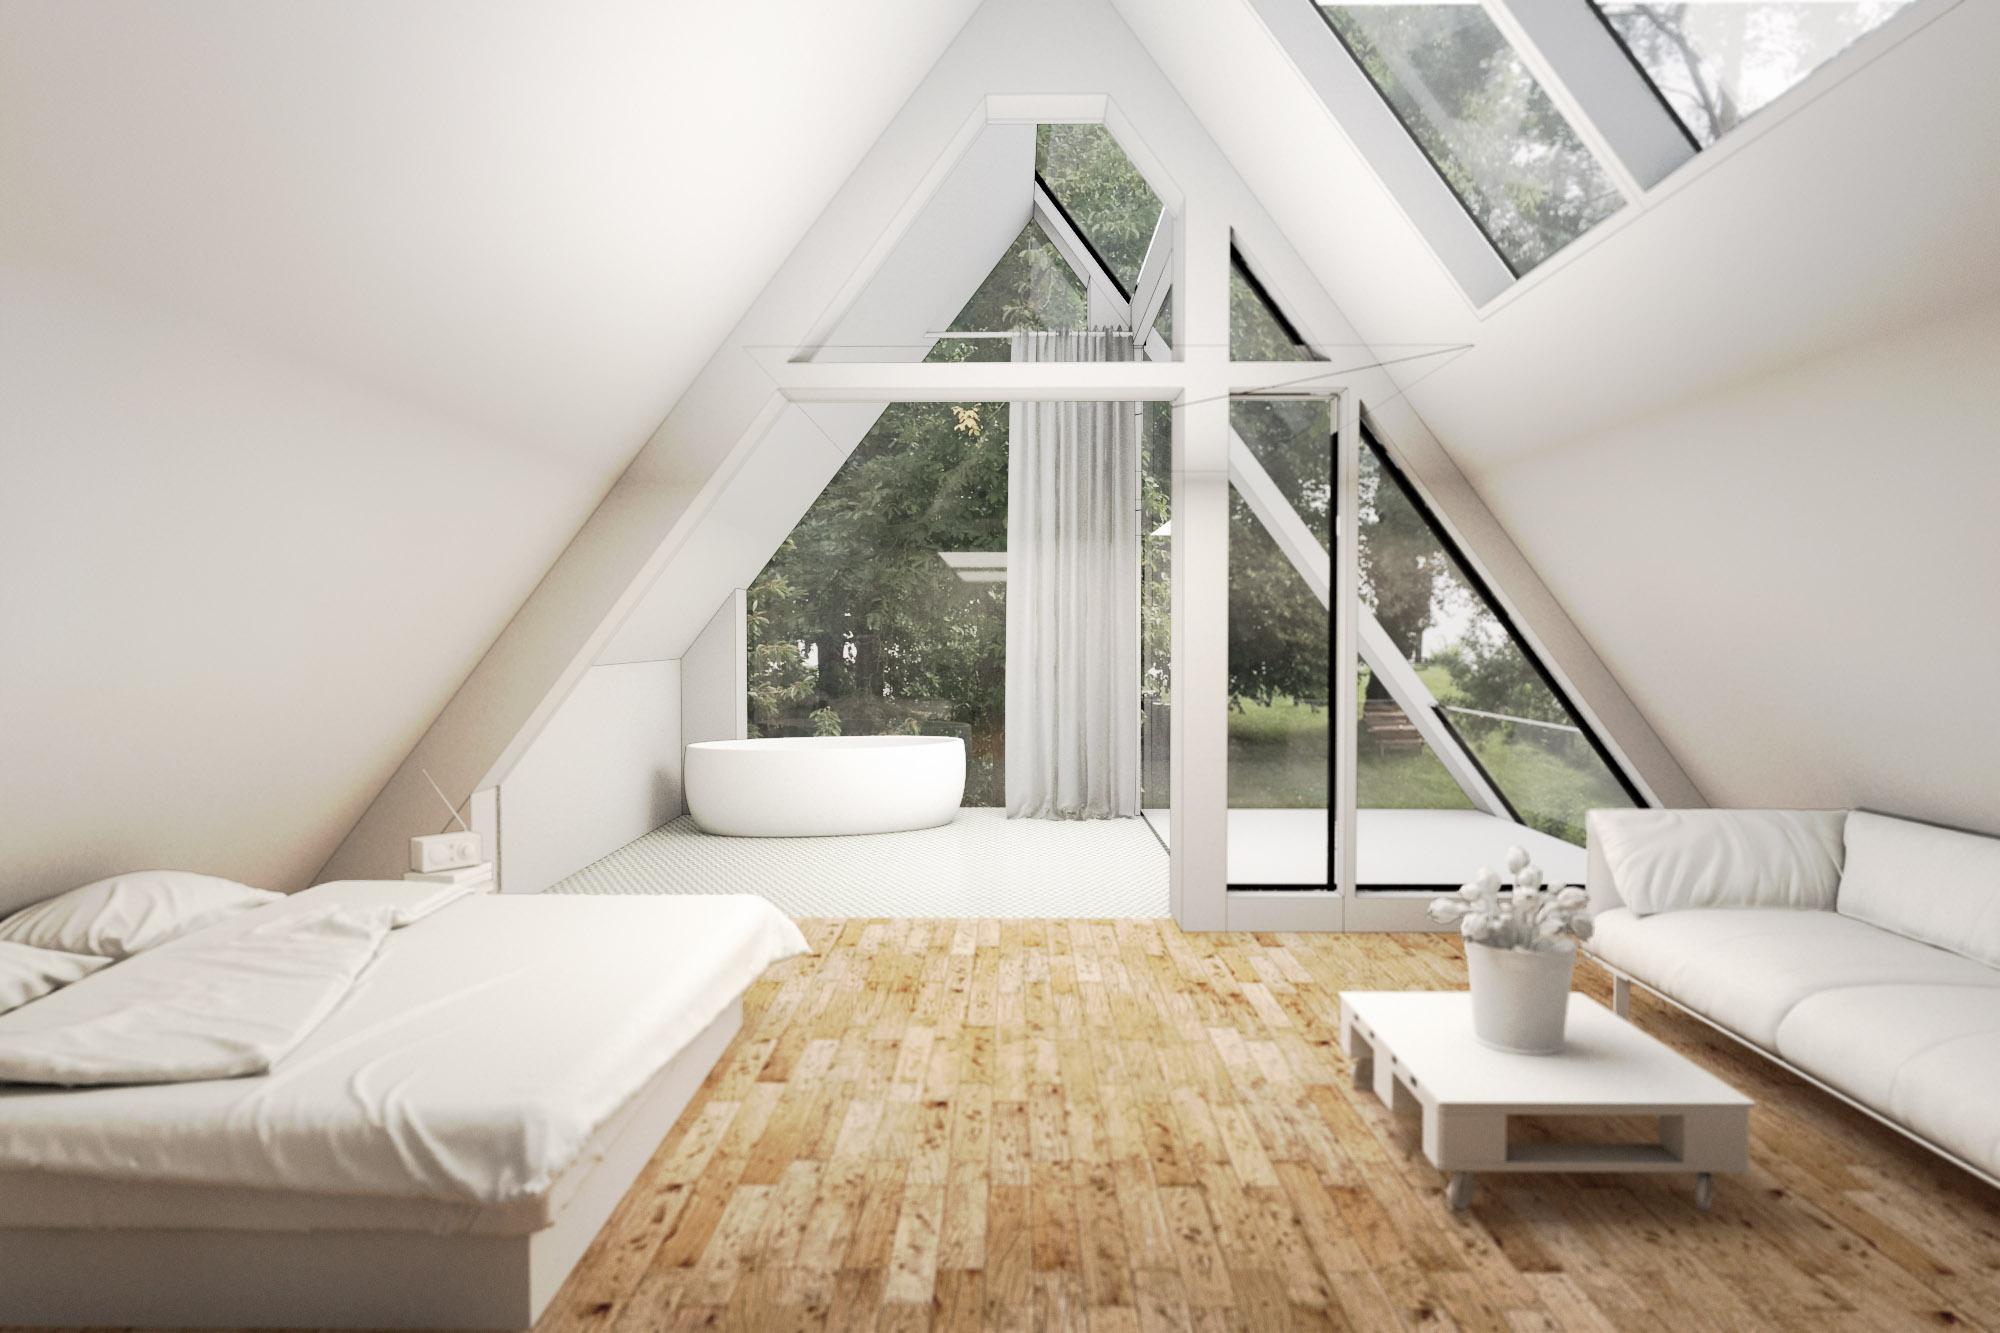 Berlin Architecture villa extension interior perspective